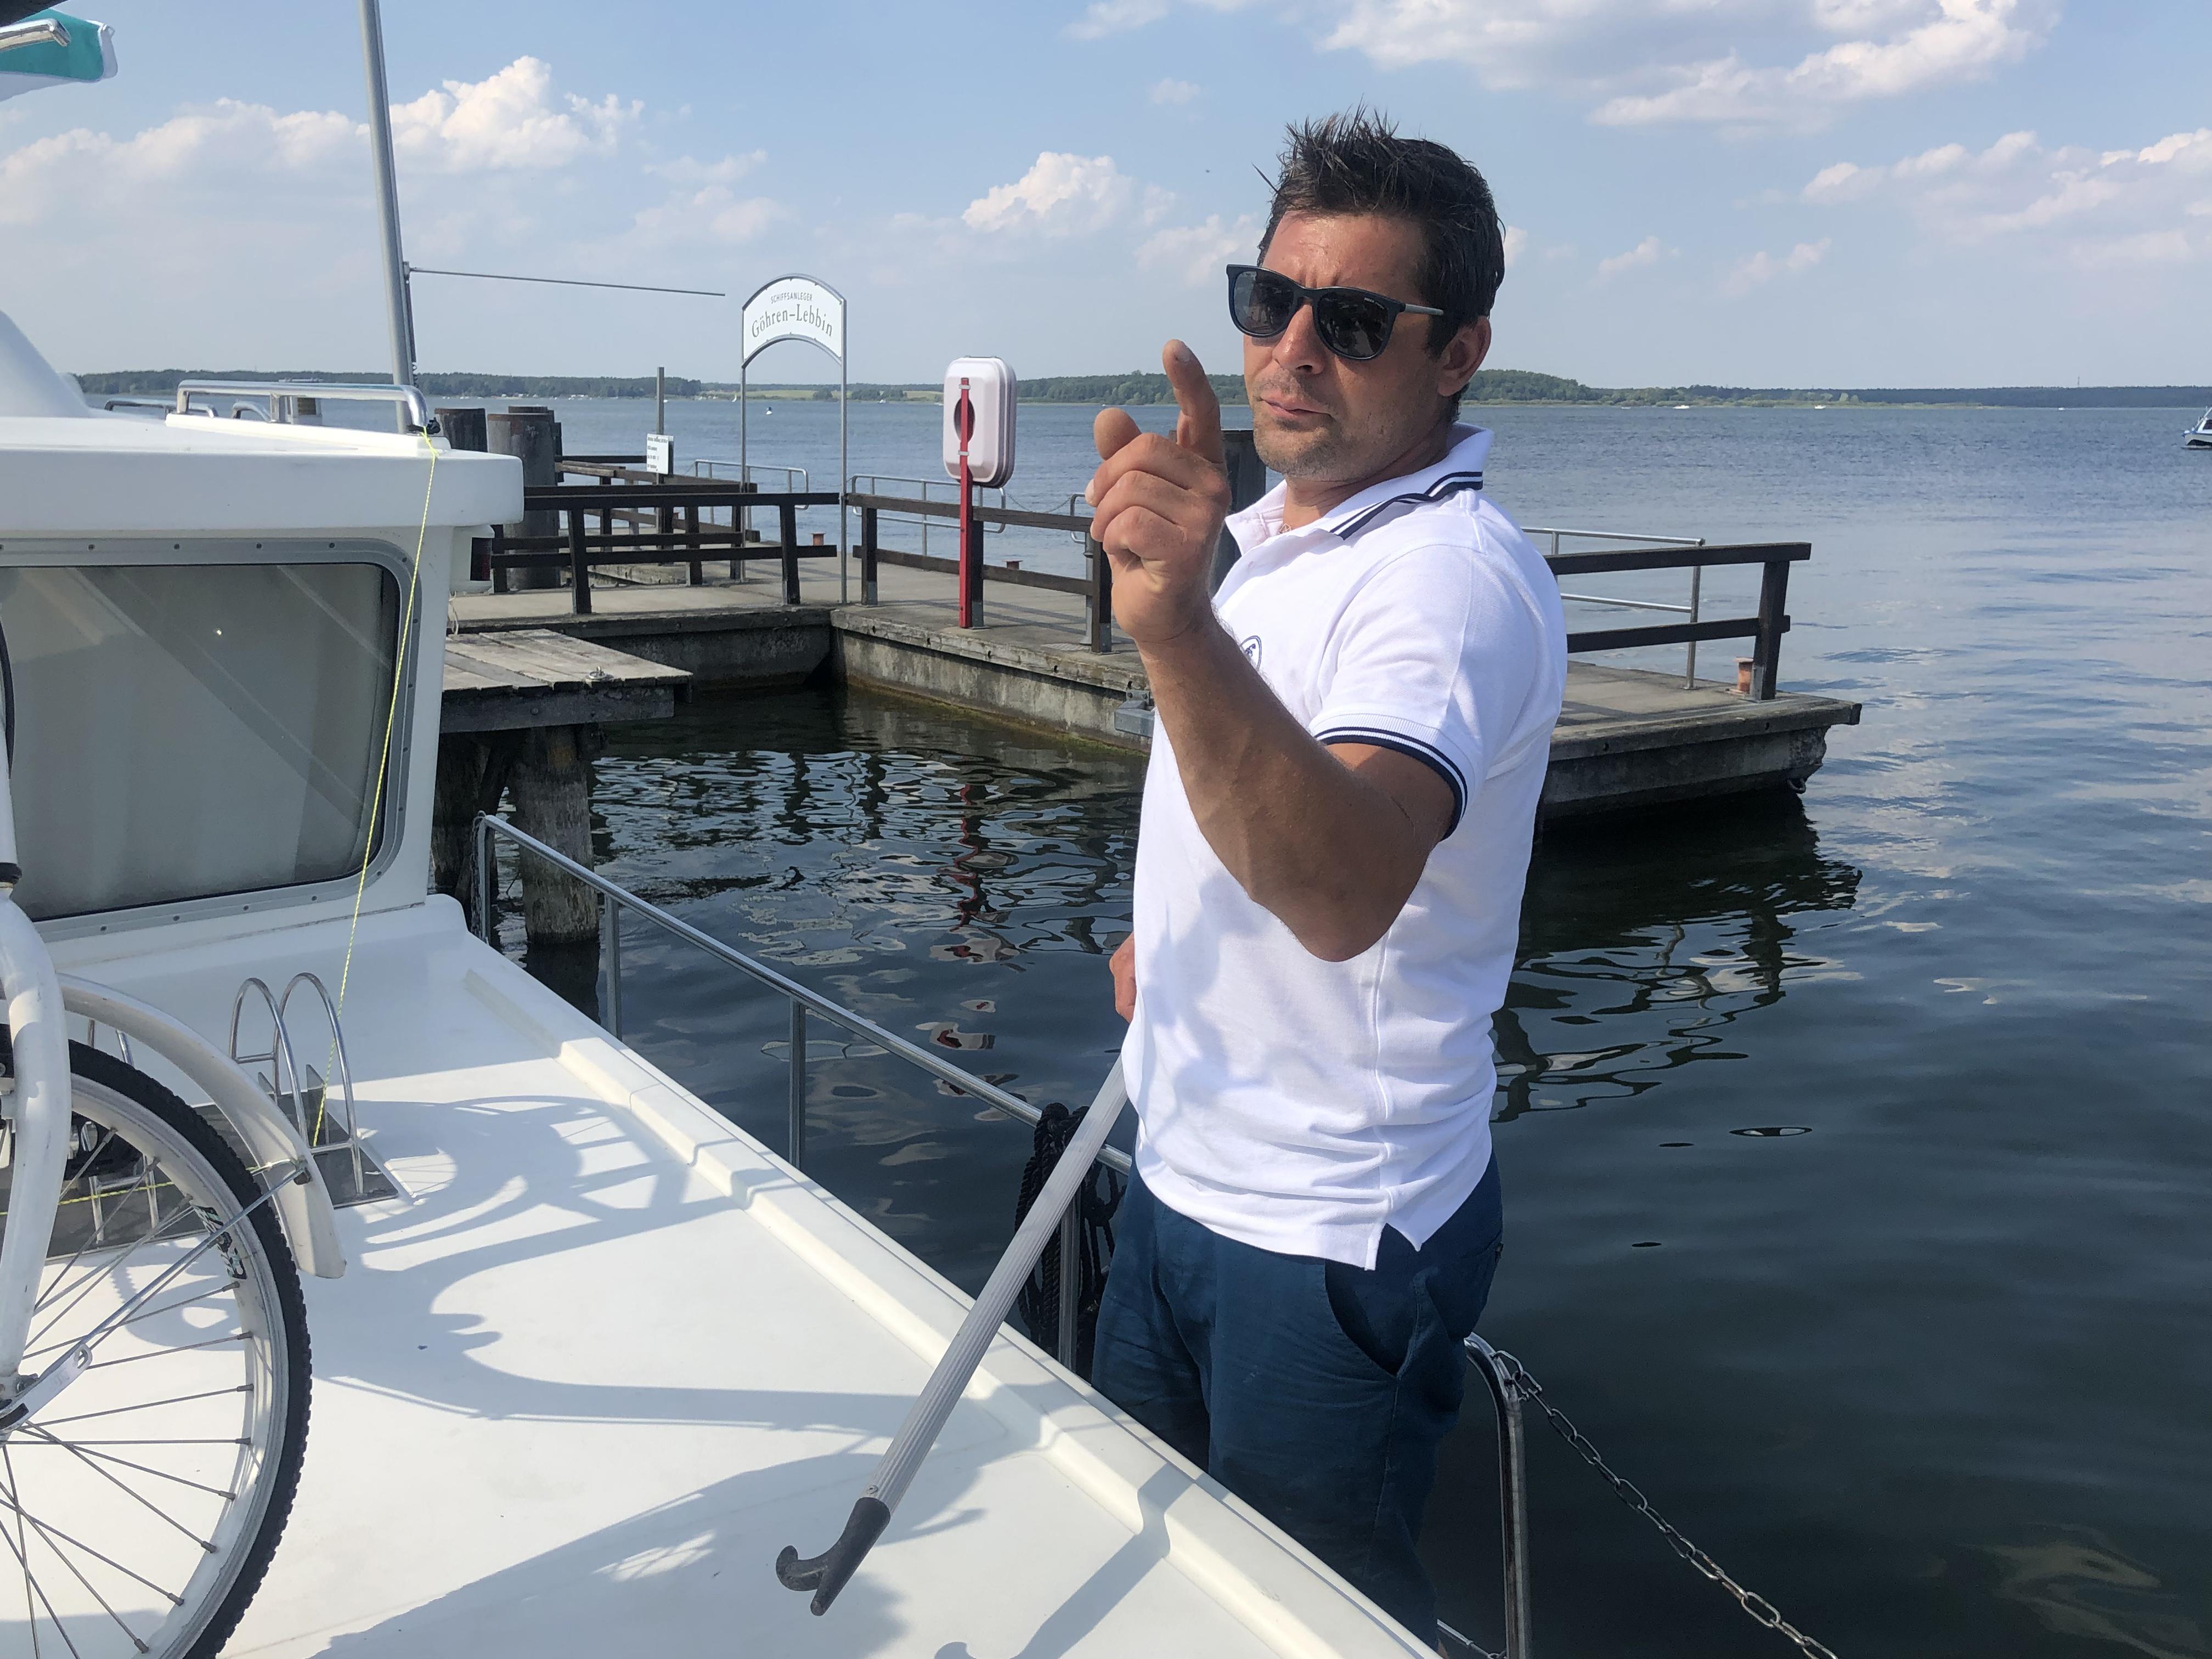 Immer gut gelaunt: Svenni ist für den praktischen Teil des Charterbootführerscheins zuständig. Foto: © DHB